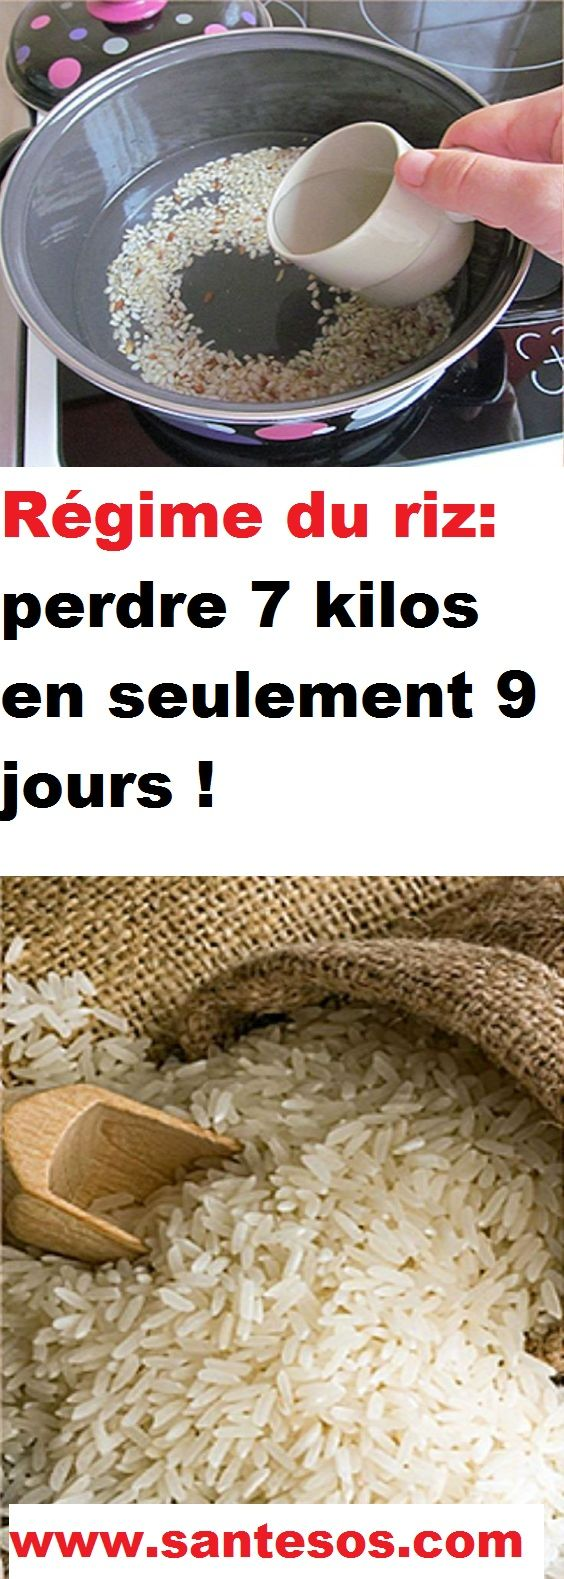 Régime du riz: perdre 7 kilos en seulement 9 jours